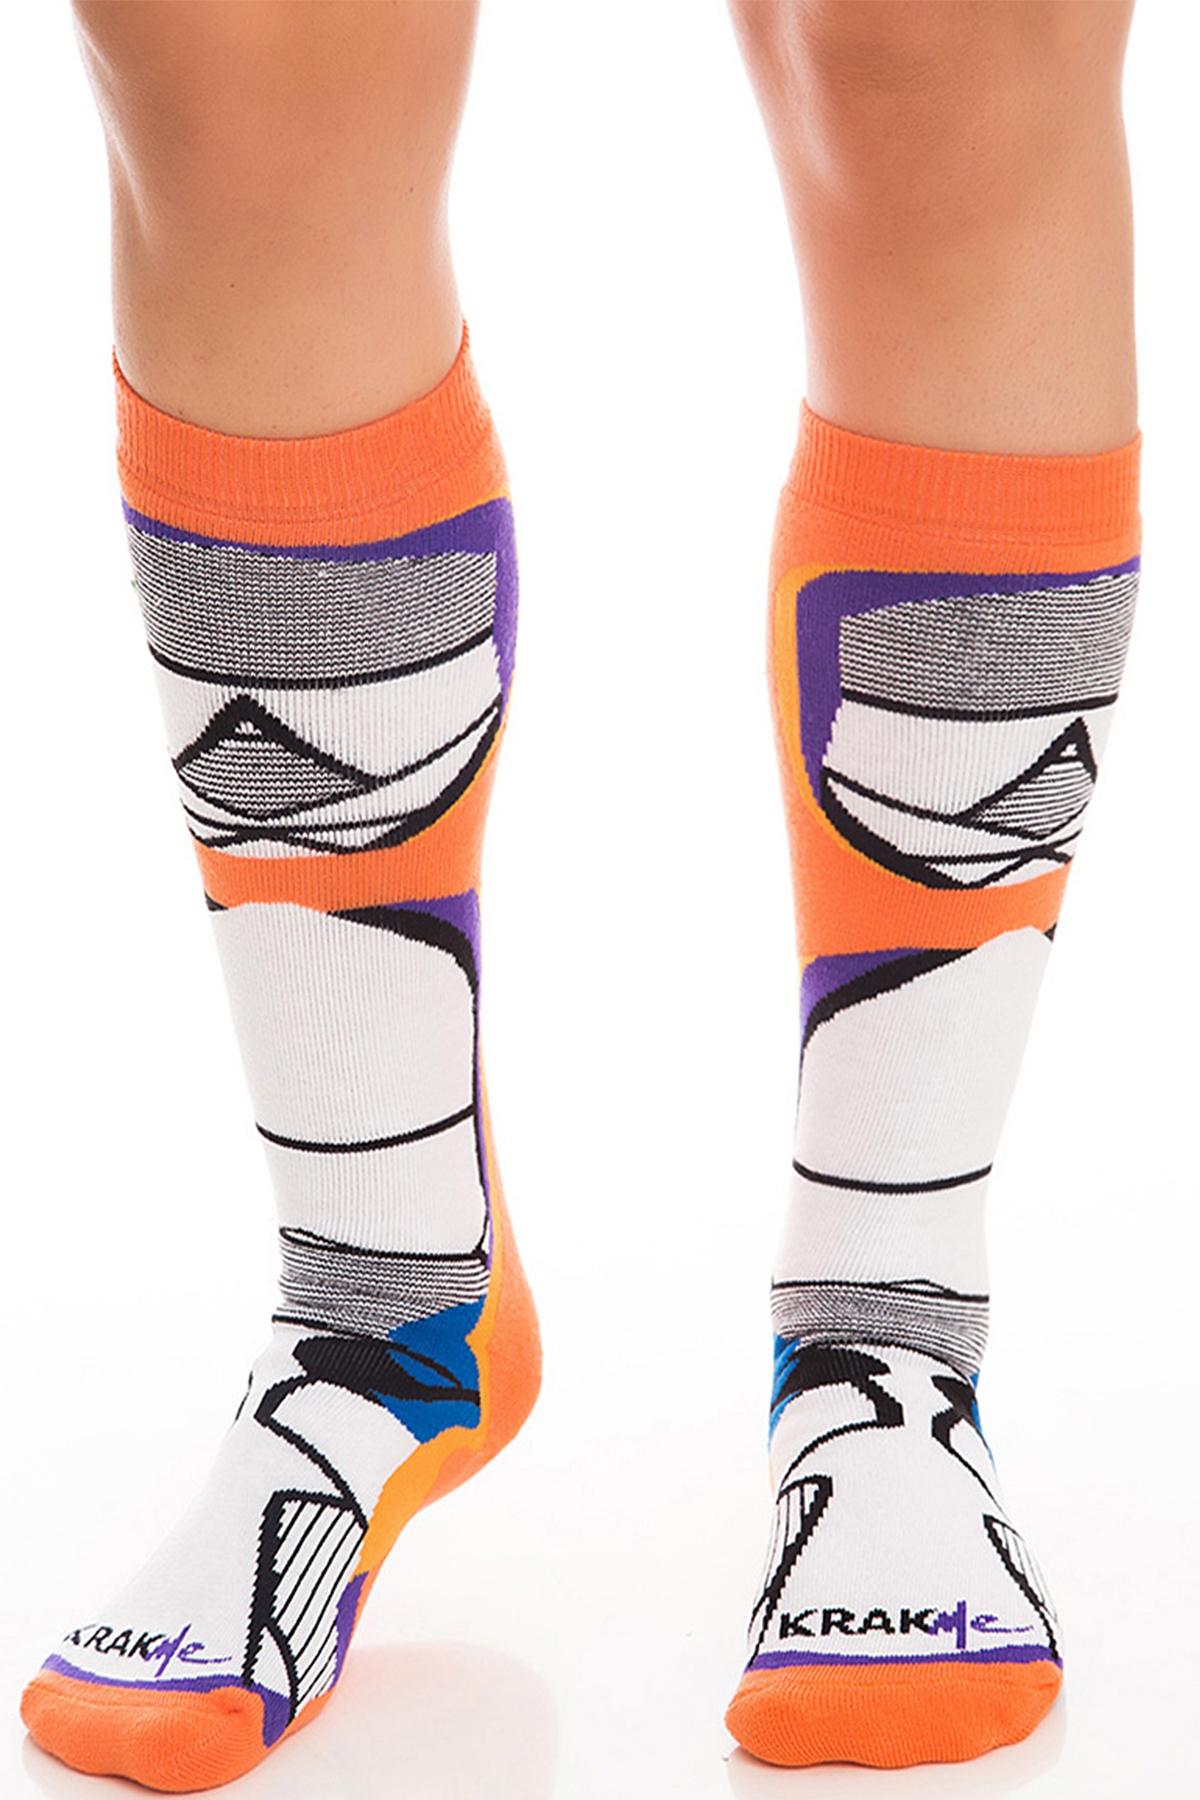 Мъжки чорапи Orange Striper / Krak me